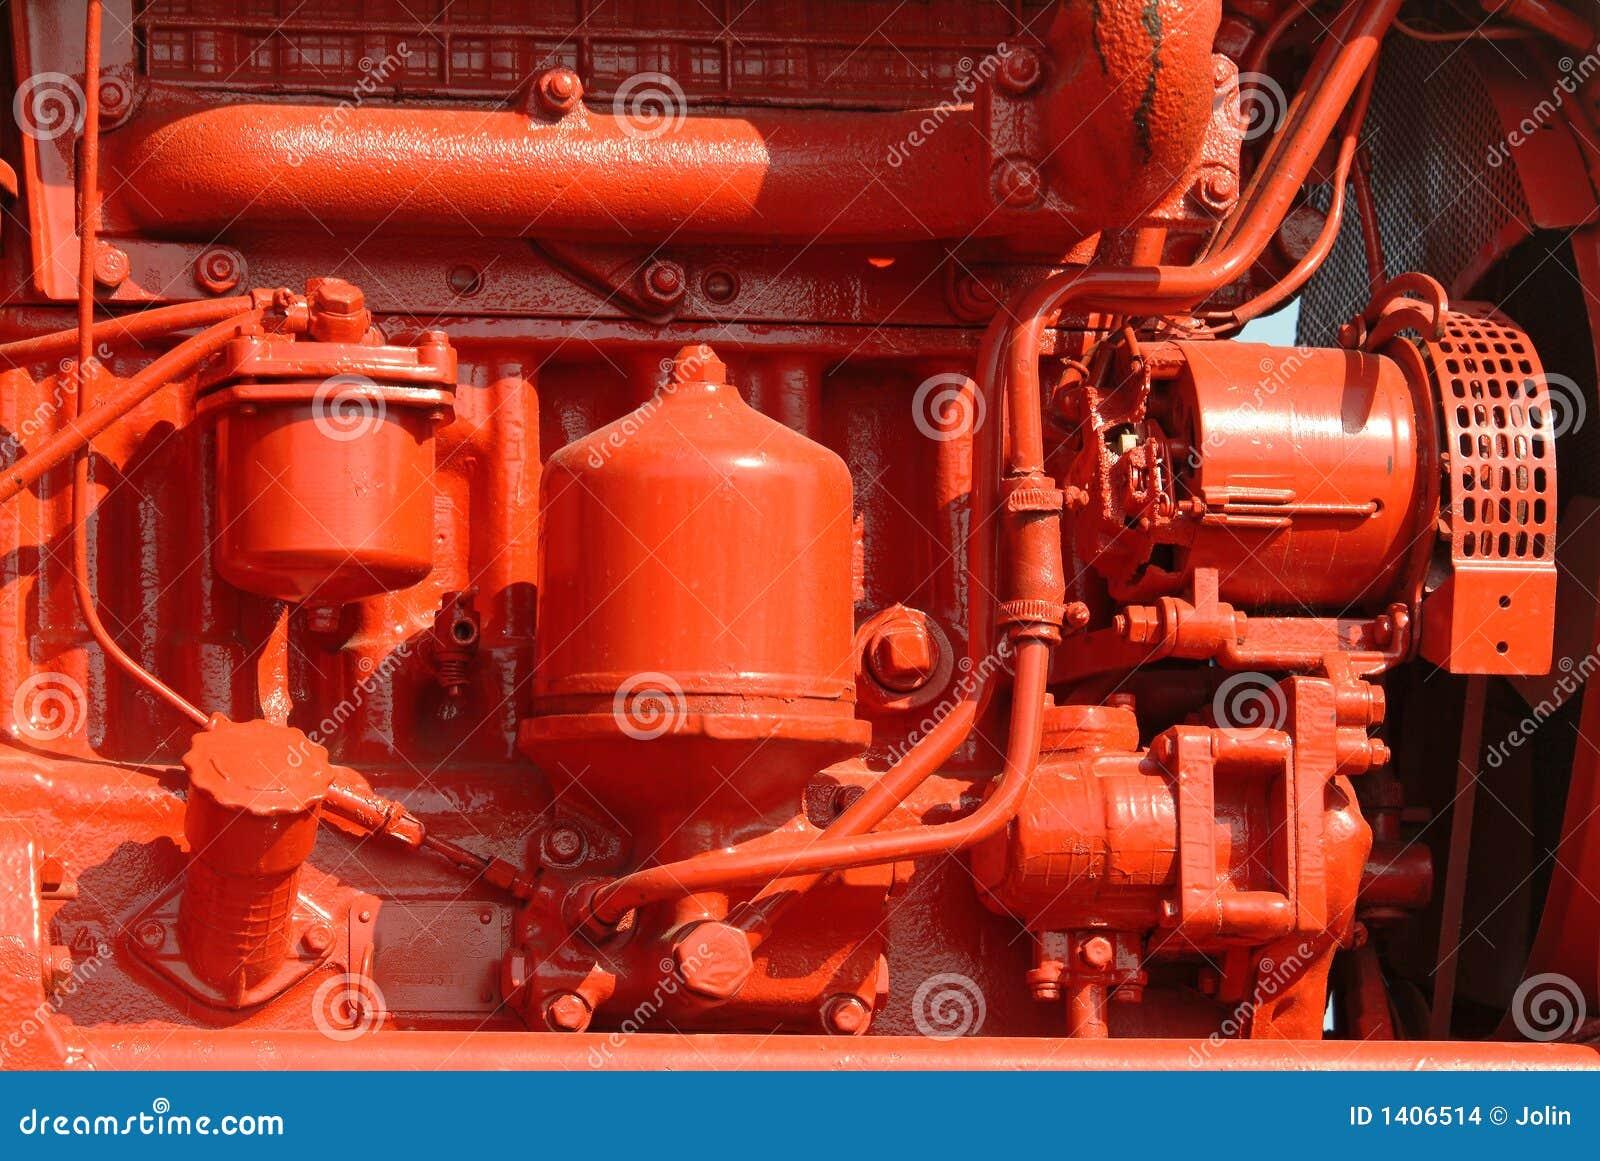 Moteur diesel rouge brillamment peint